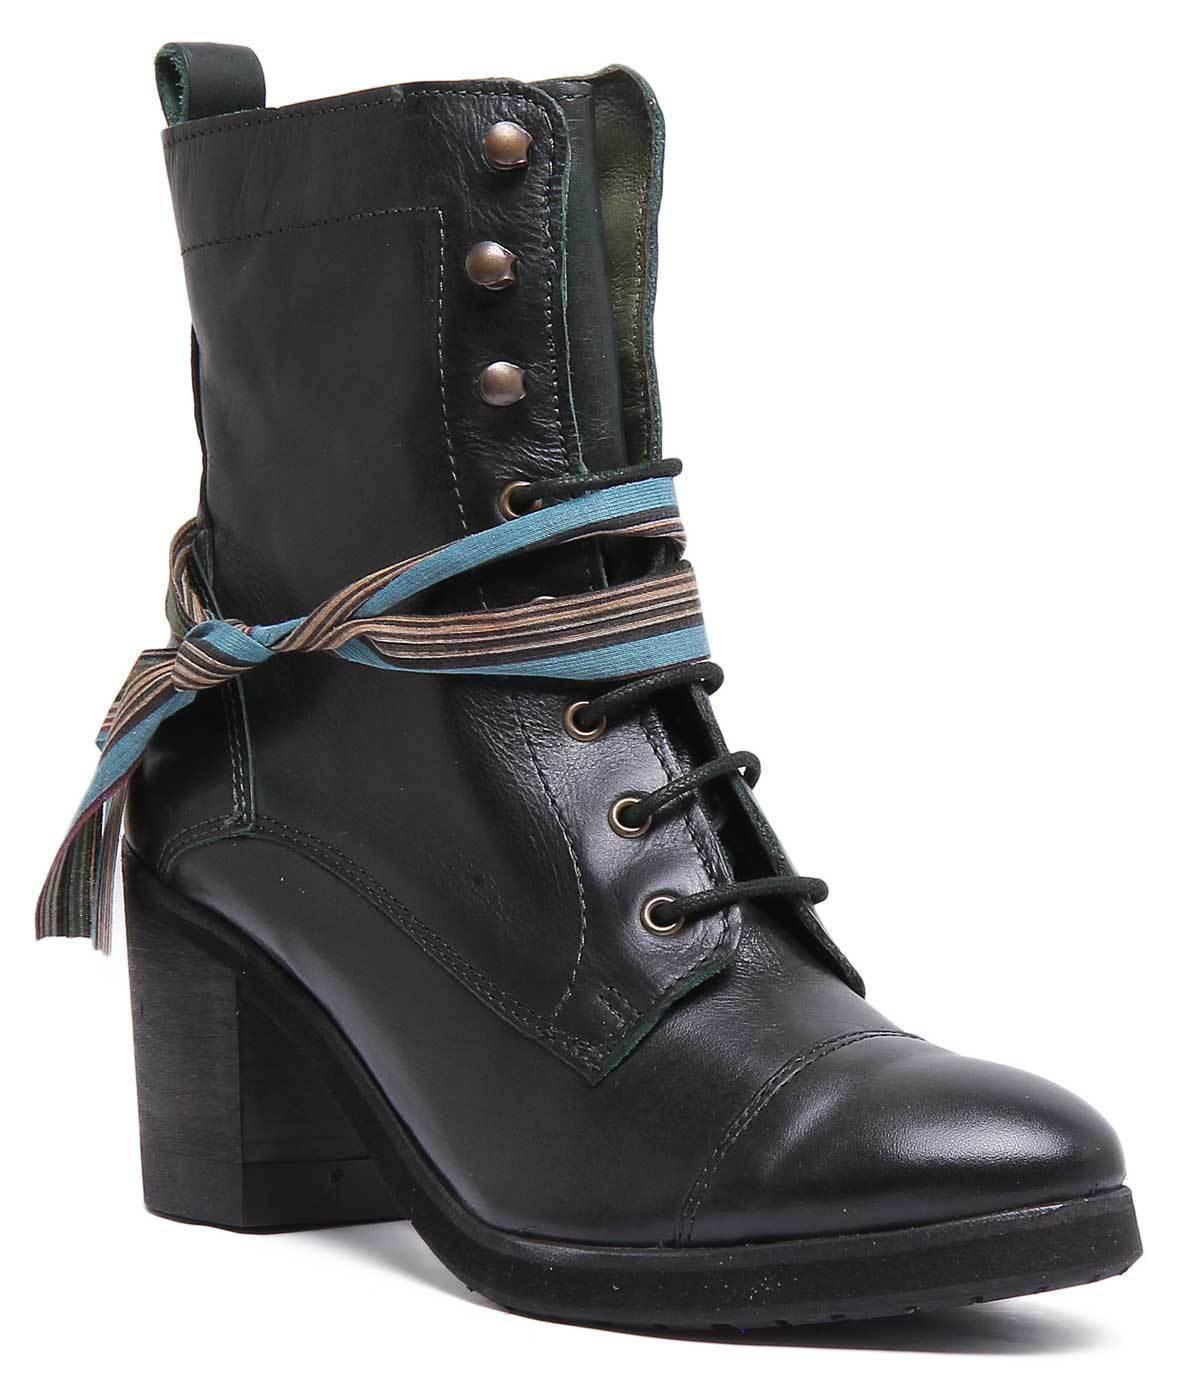 Felmini 9783 damen Grün Leather Matt Stiefel UK Größe 3 - 8